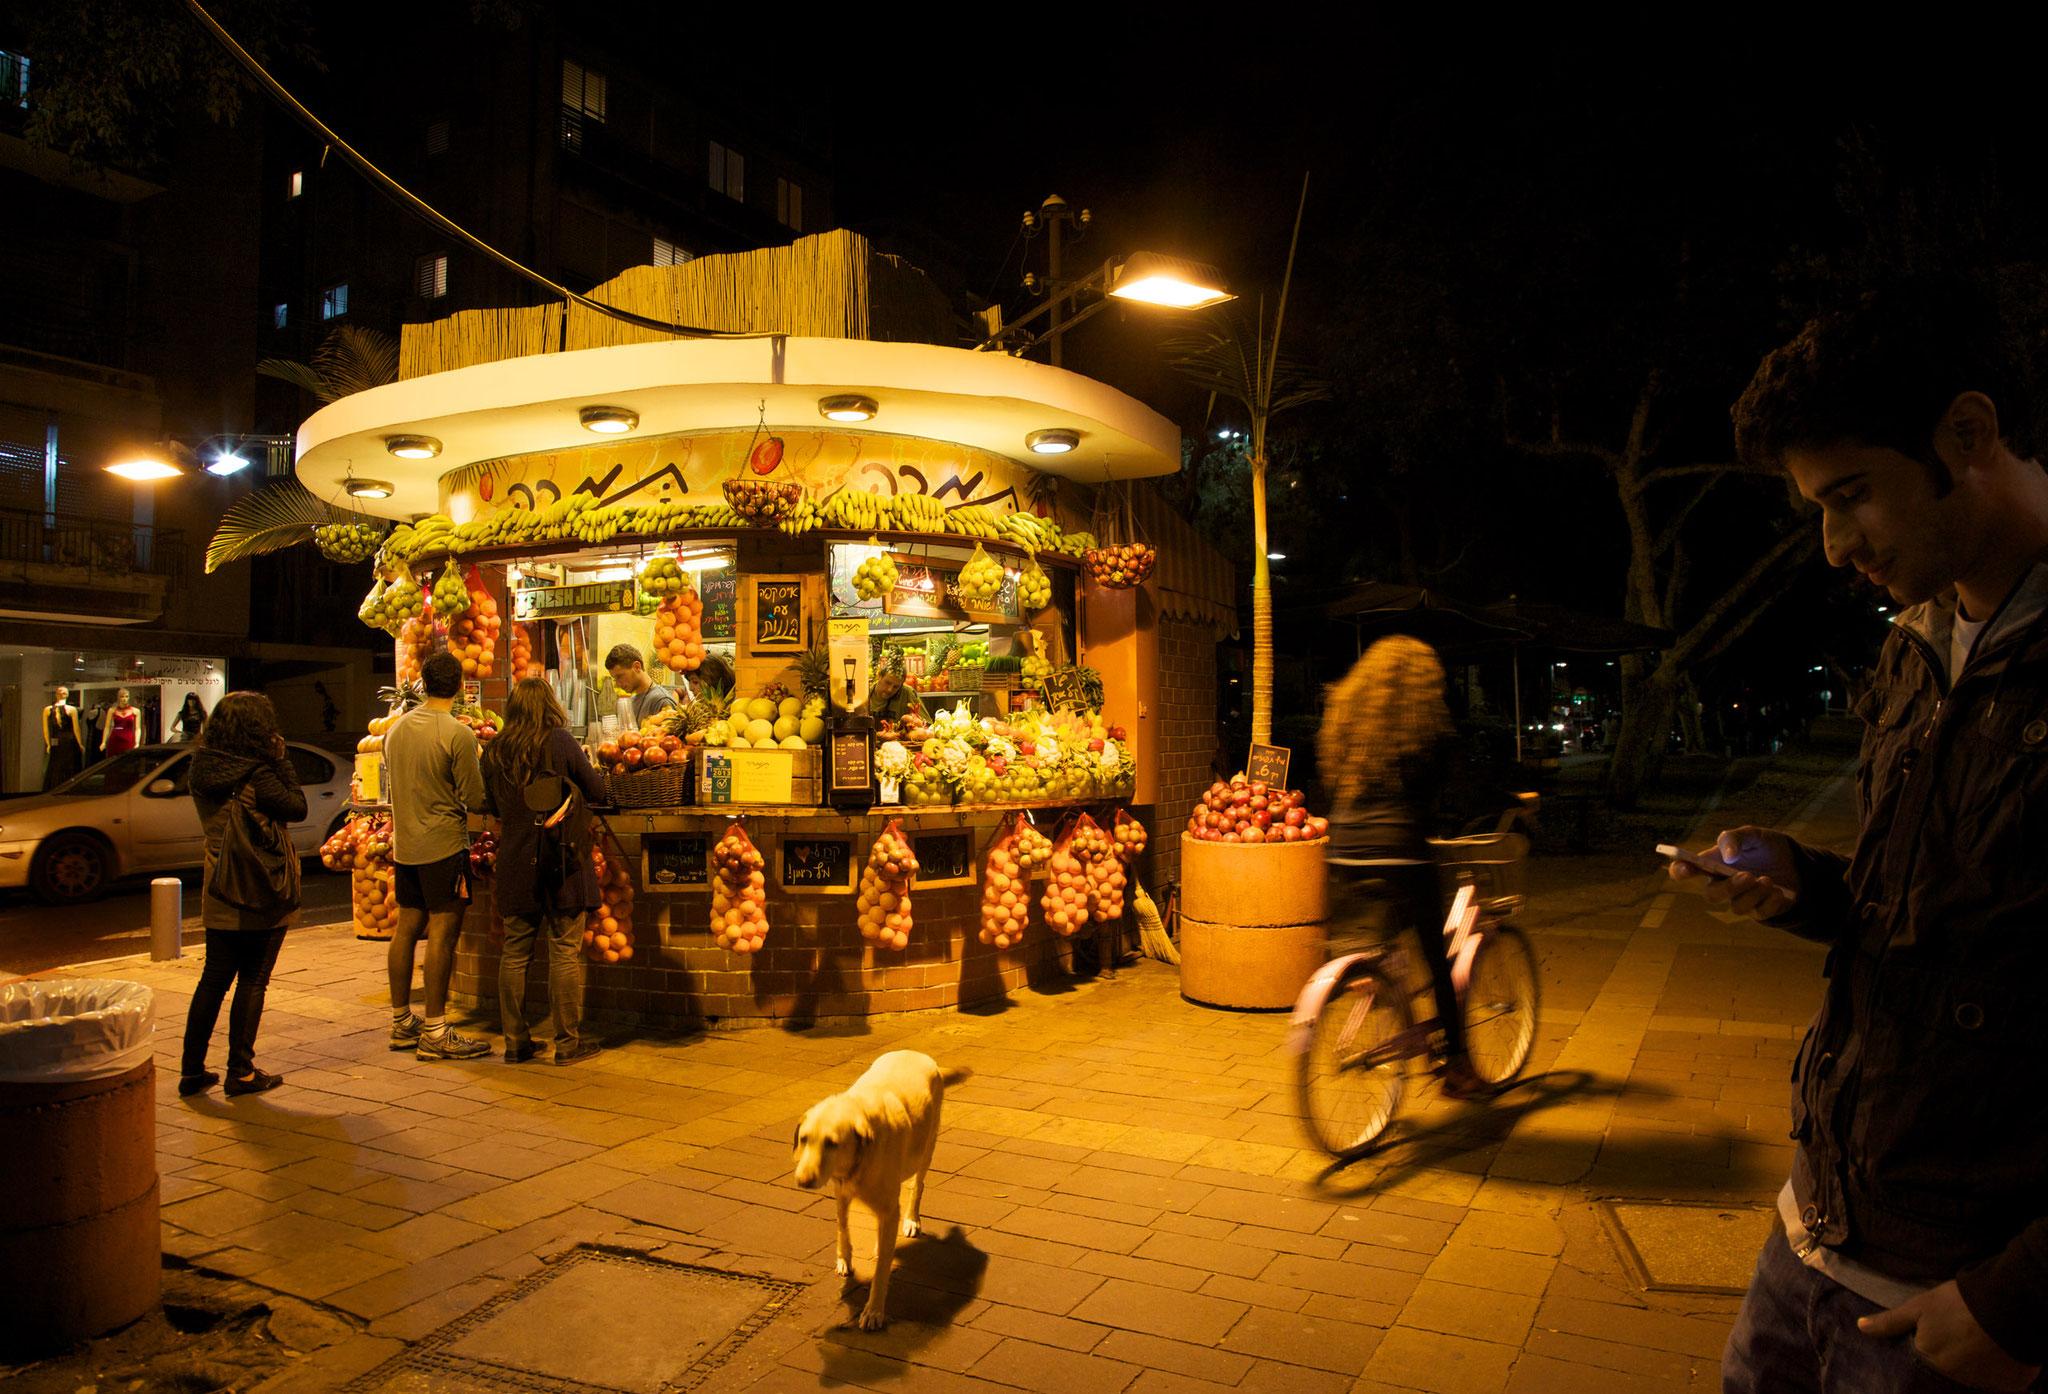 Saftladen, Sderot David-Ben-Gurion, Tel Aviv